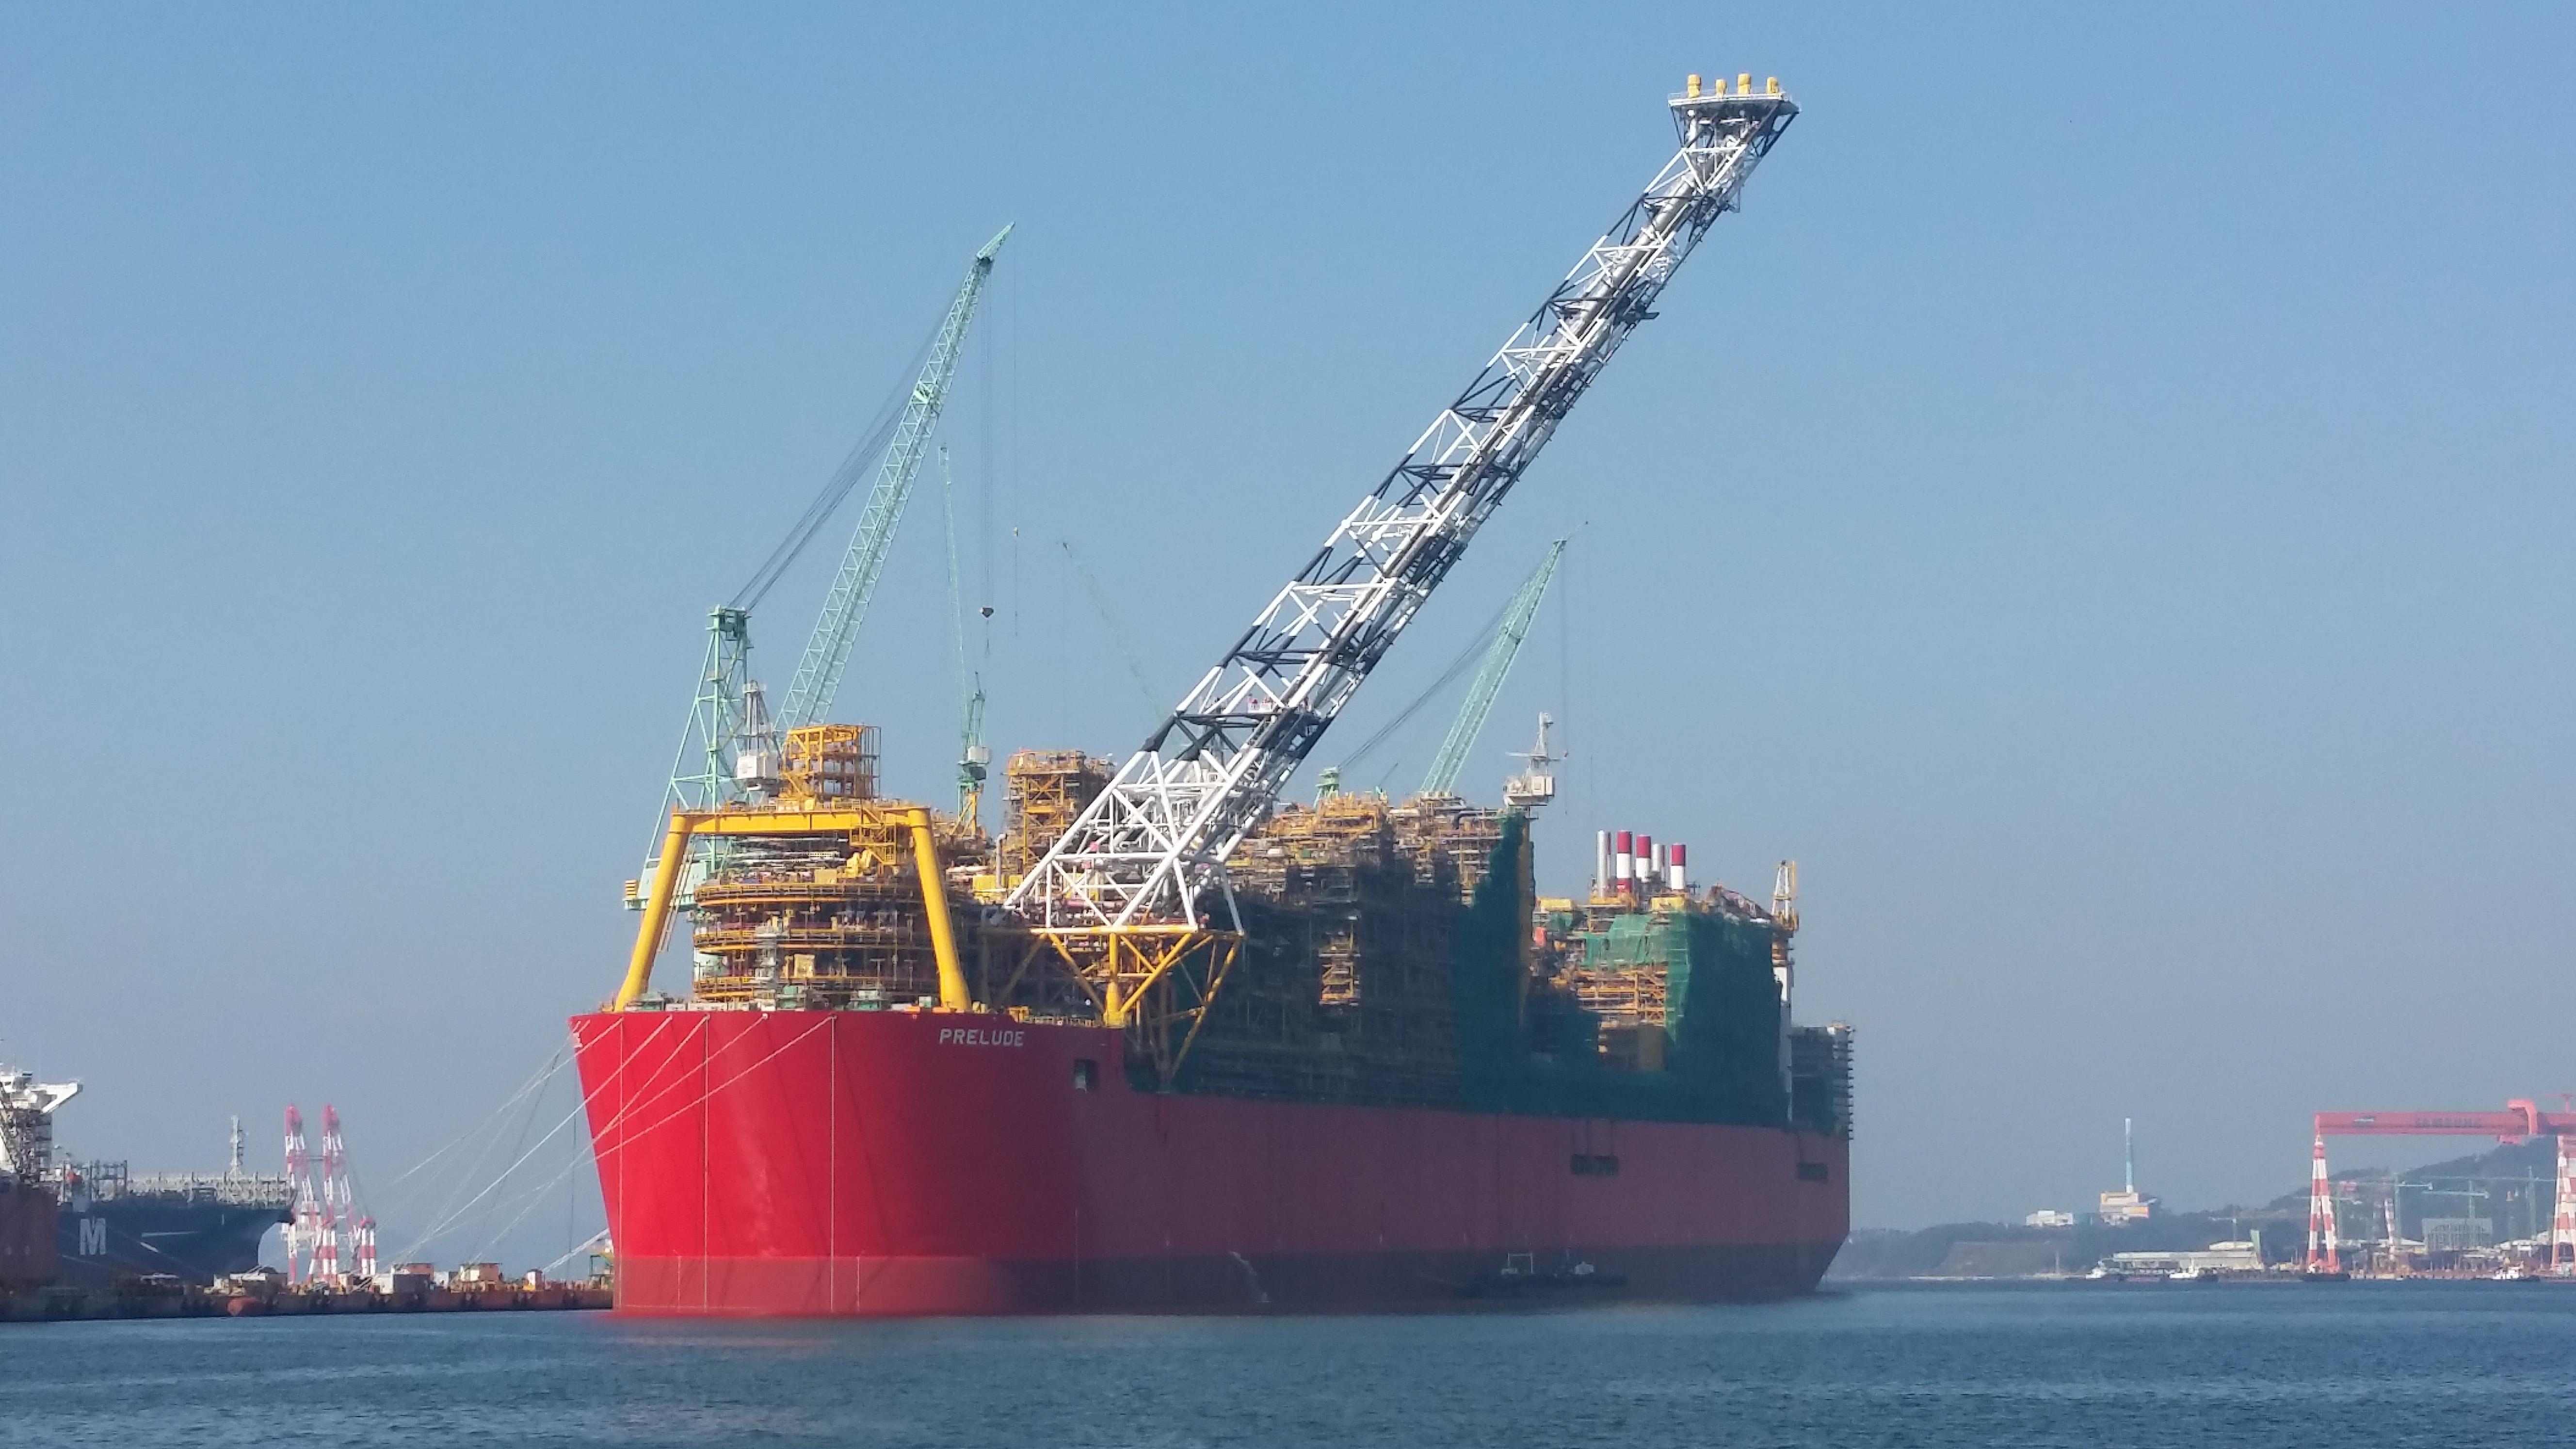 Prelude Flng Anlage Plant Shell Ein Weiteres Mega Gasschiff